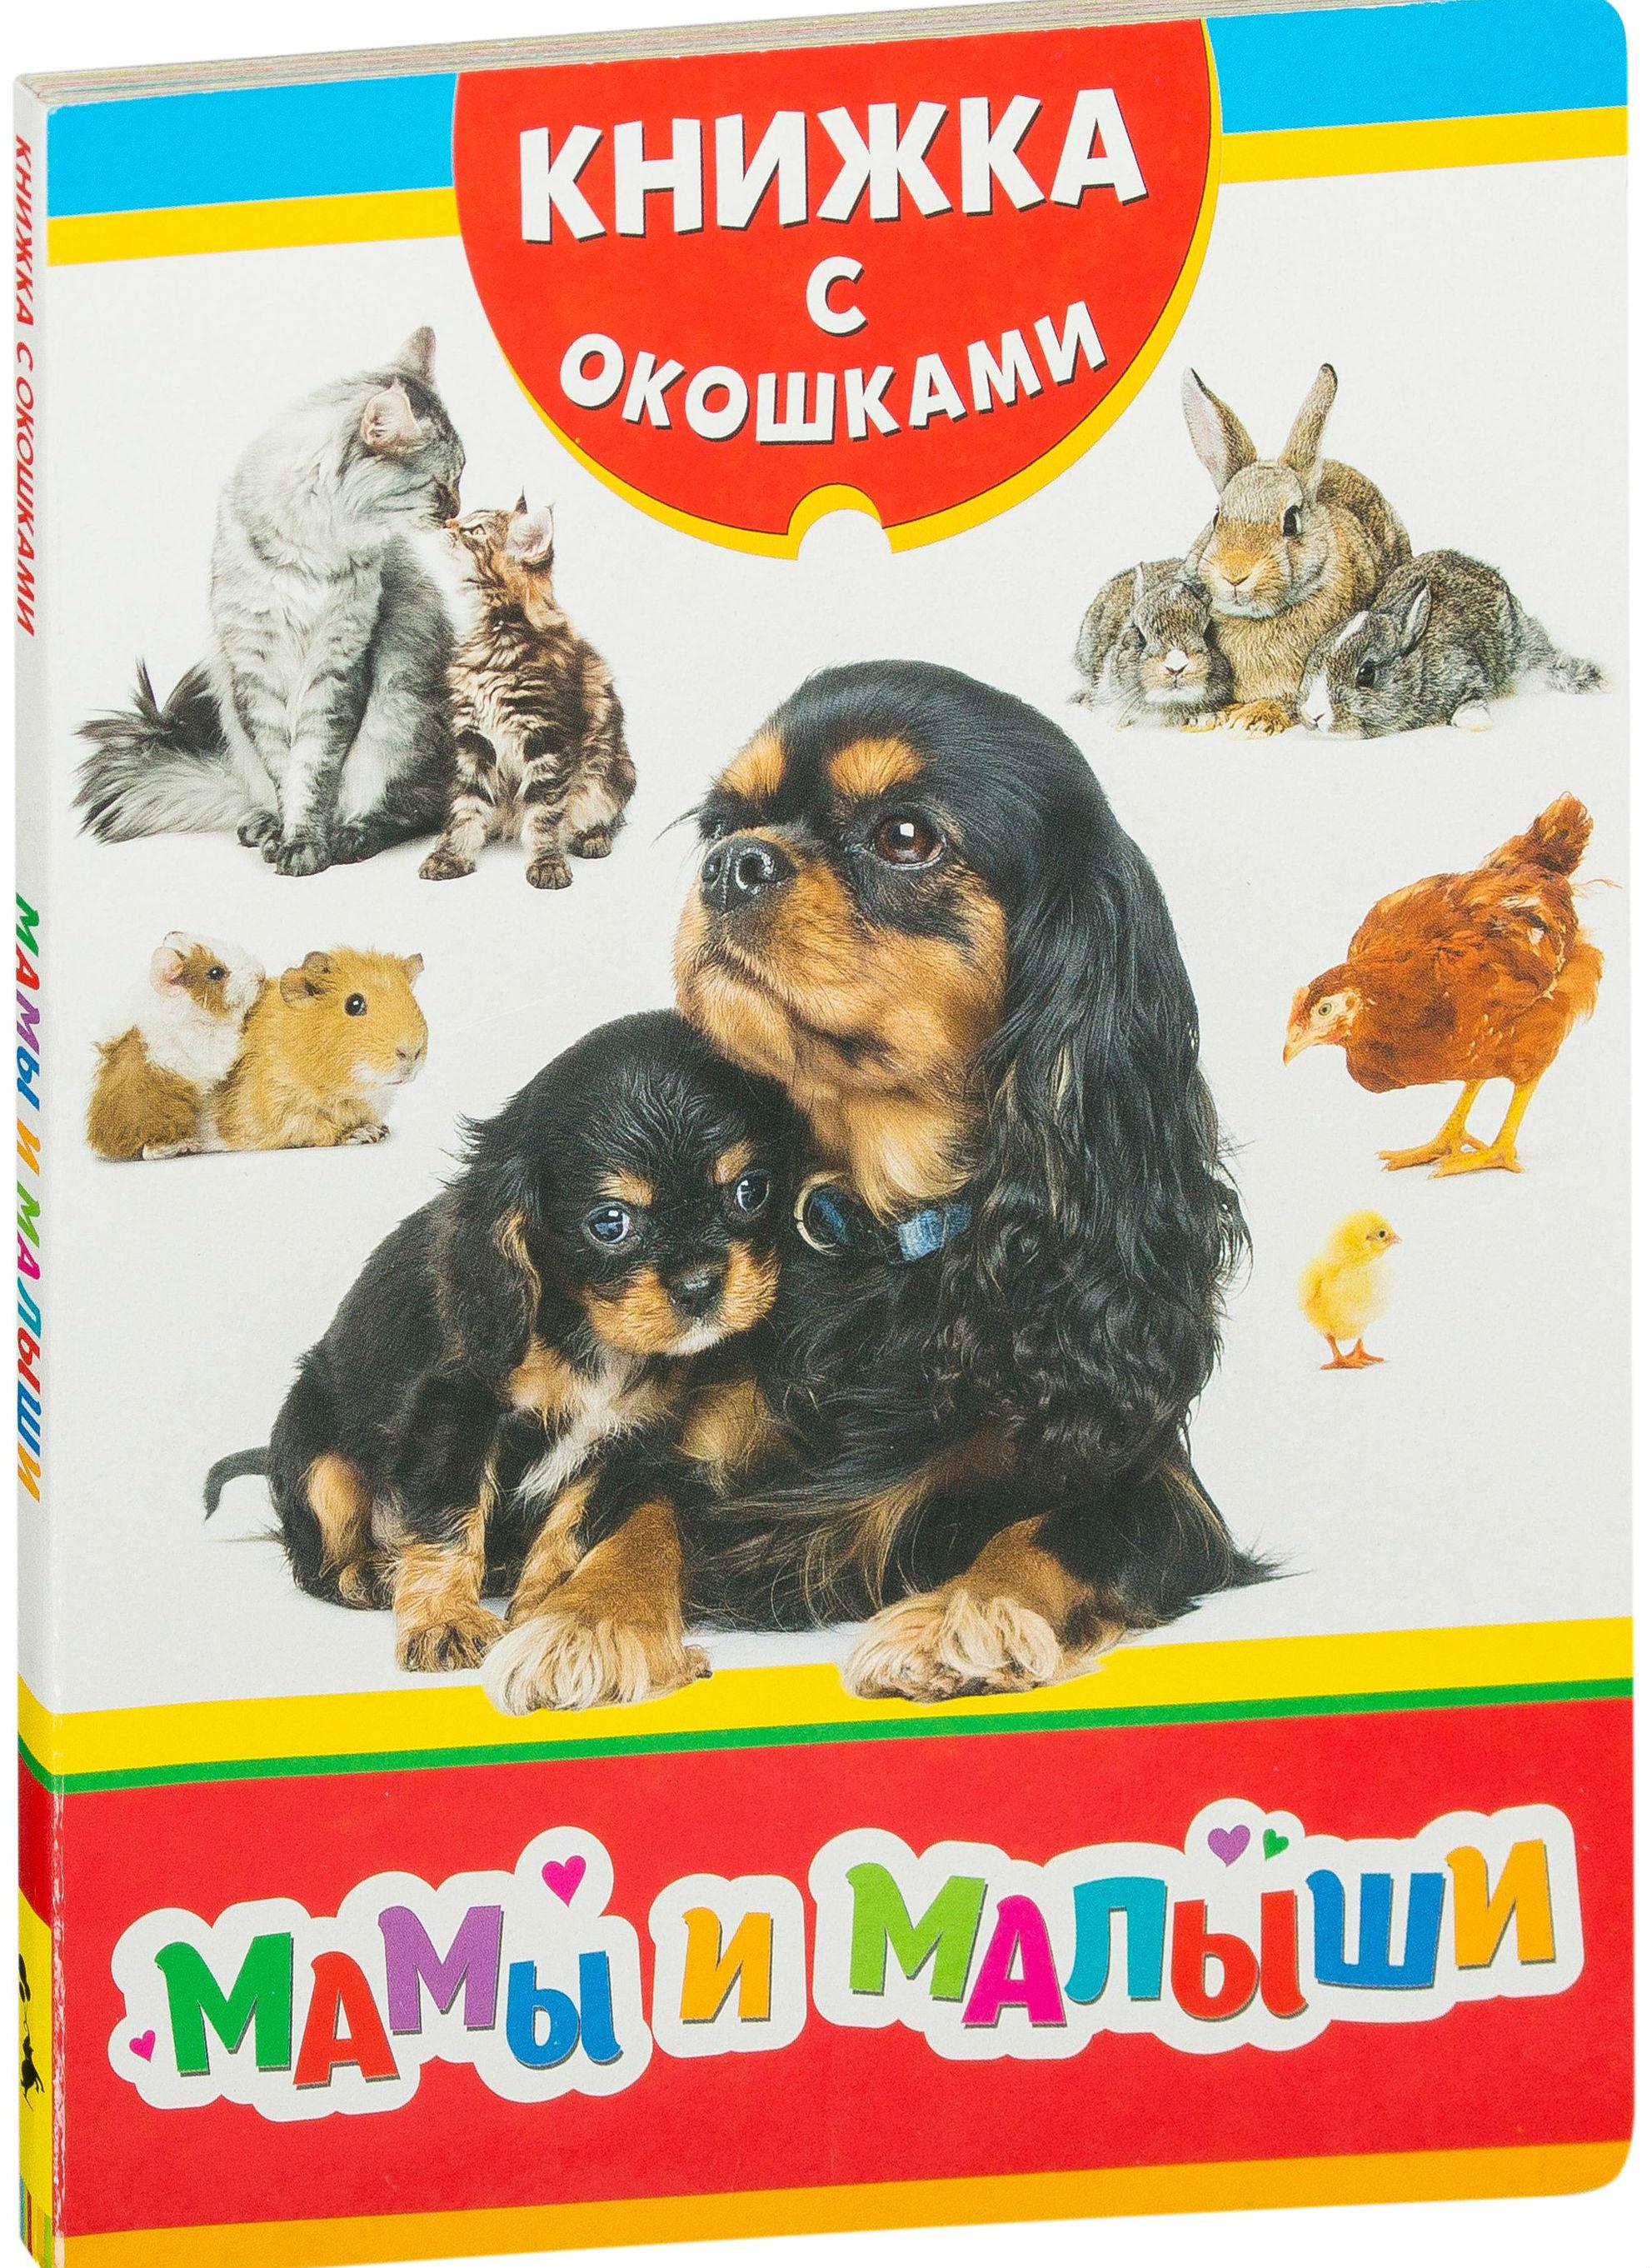 Купить Мамы и малыши, Наталья Малофеева, 978-5-353-08245-3